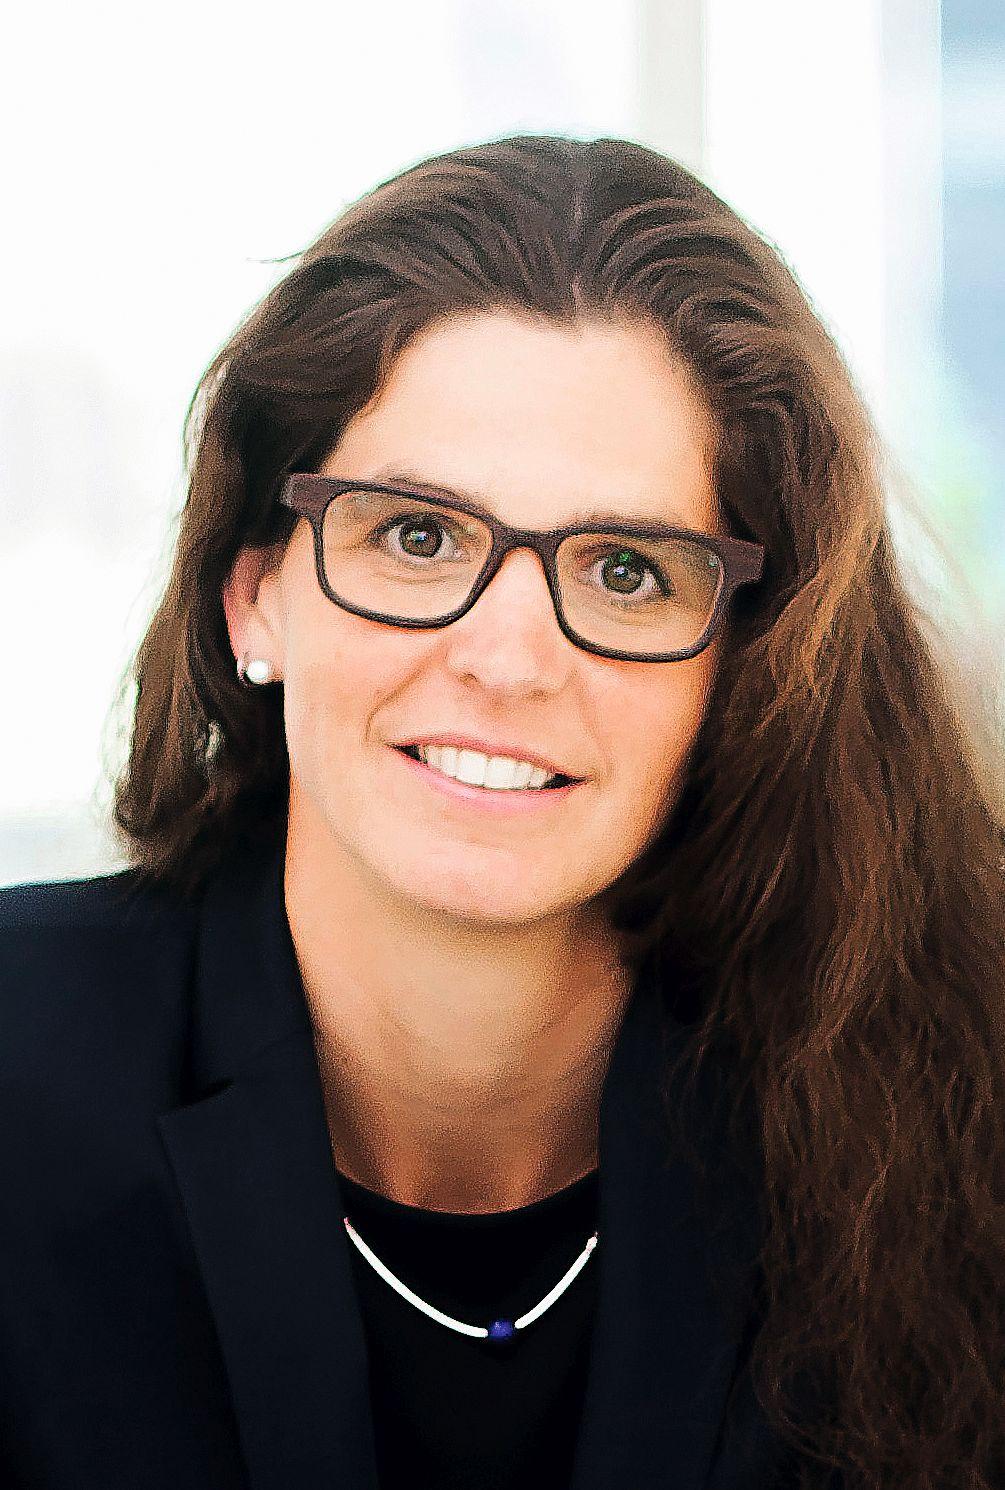 Dr. Daniela Allhenn ist Referentin Pharmazeutische Technologie/GMP beim Bundesverband der Arzneimittelhersteller